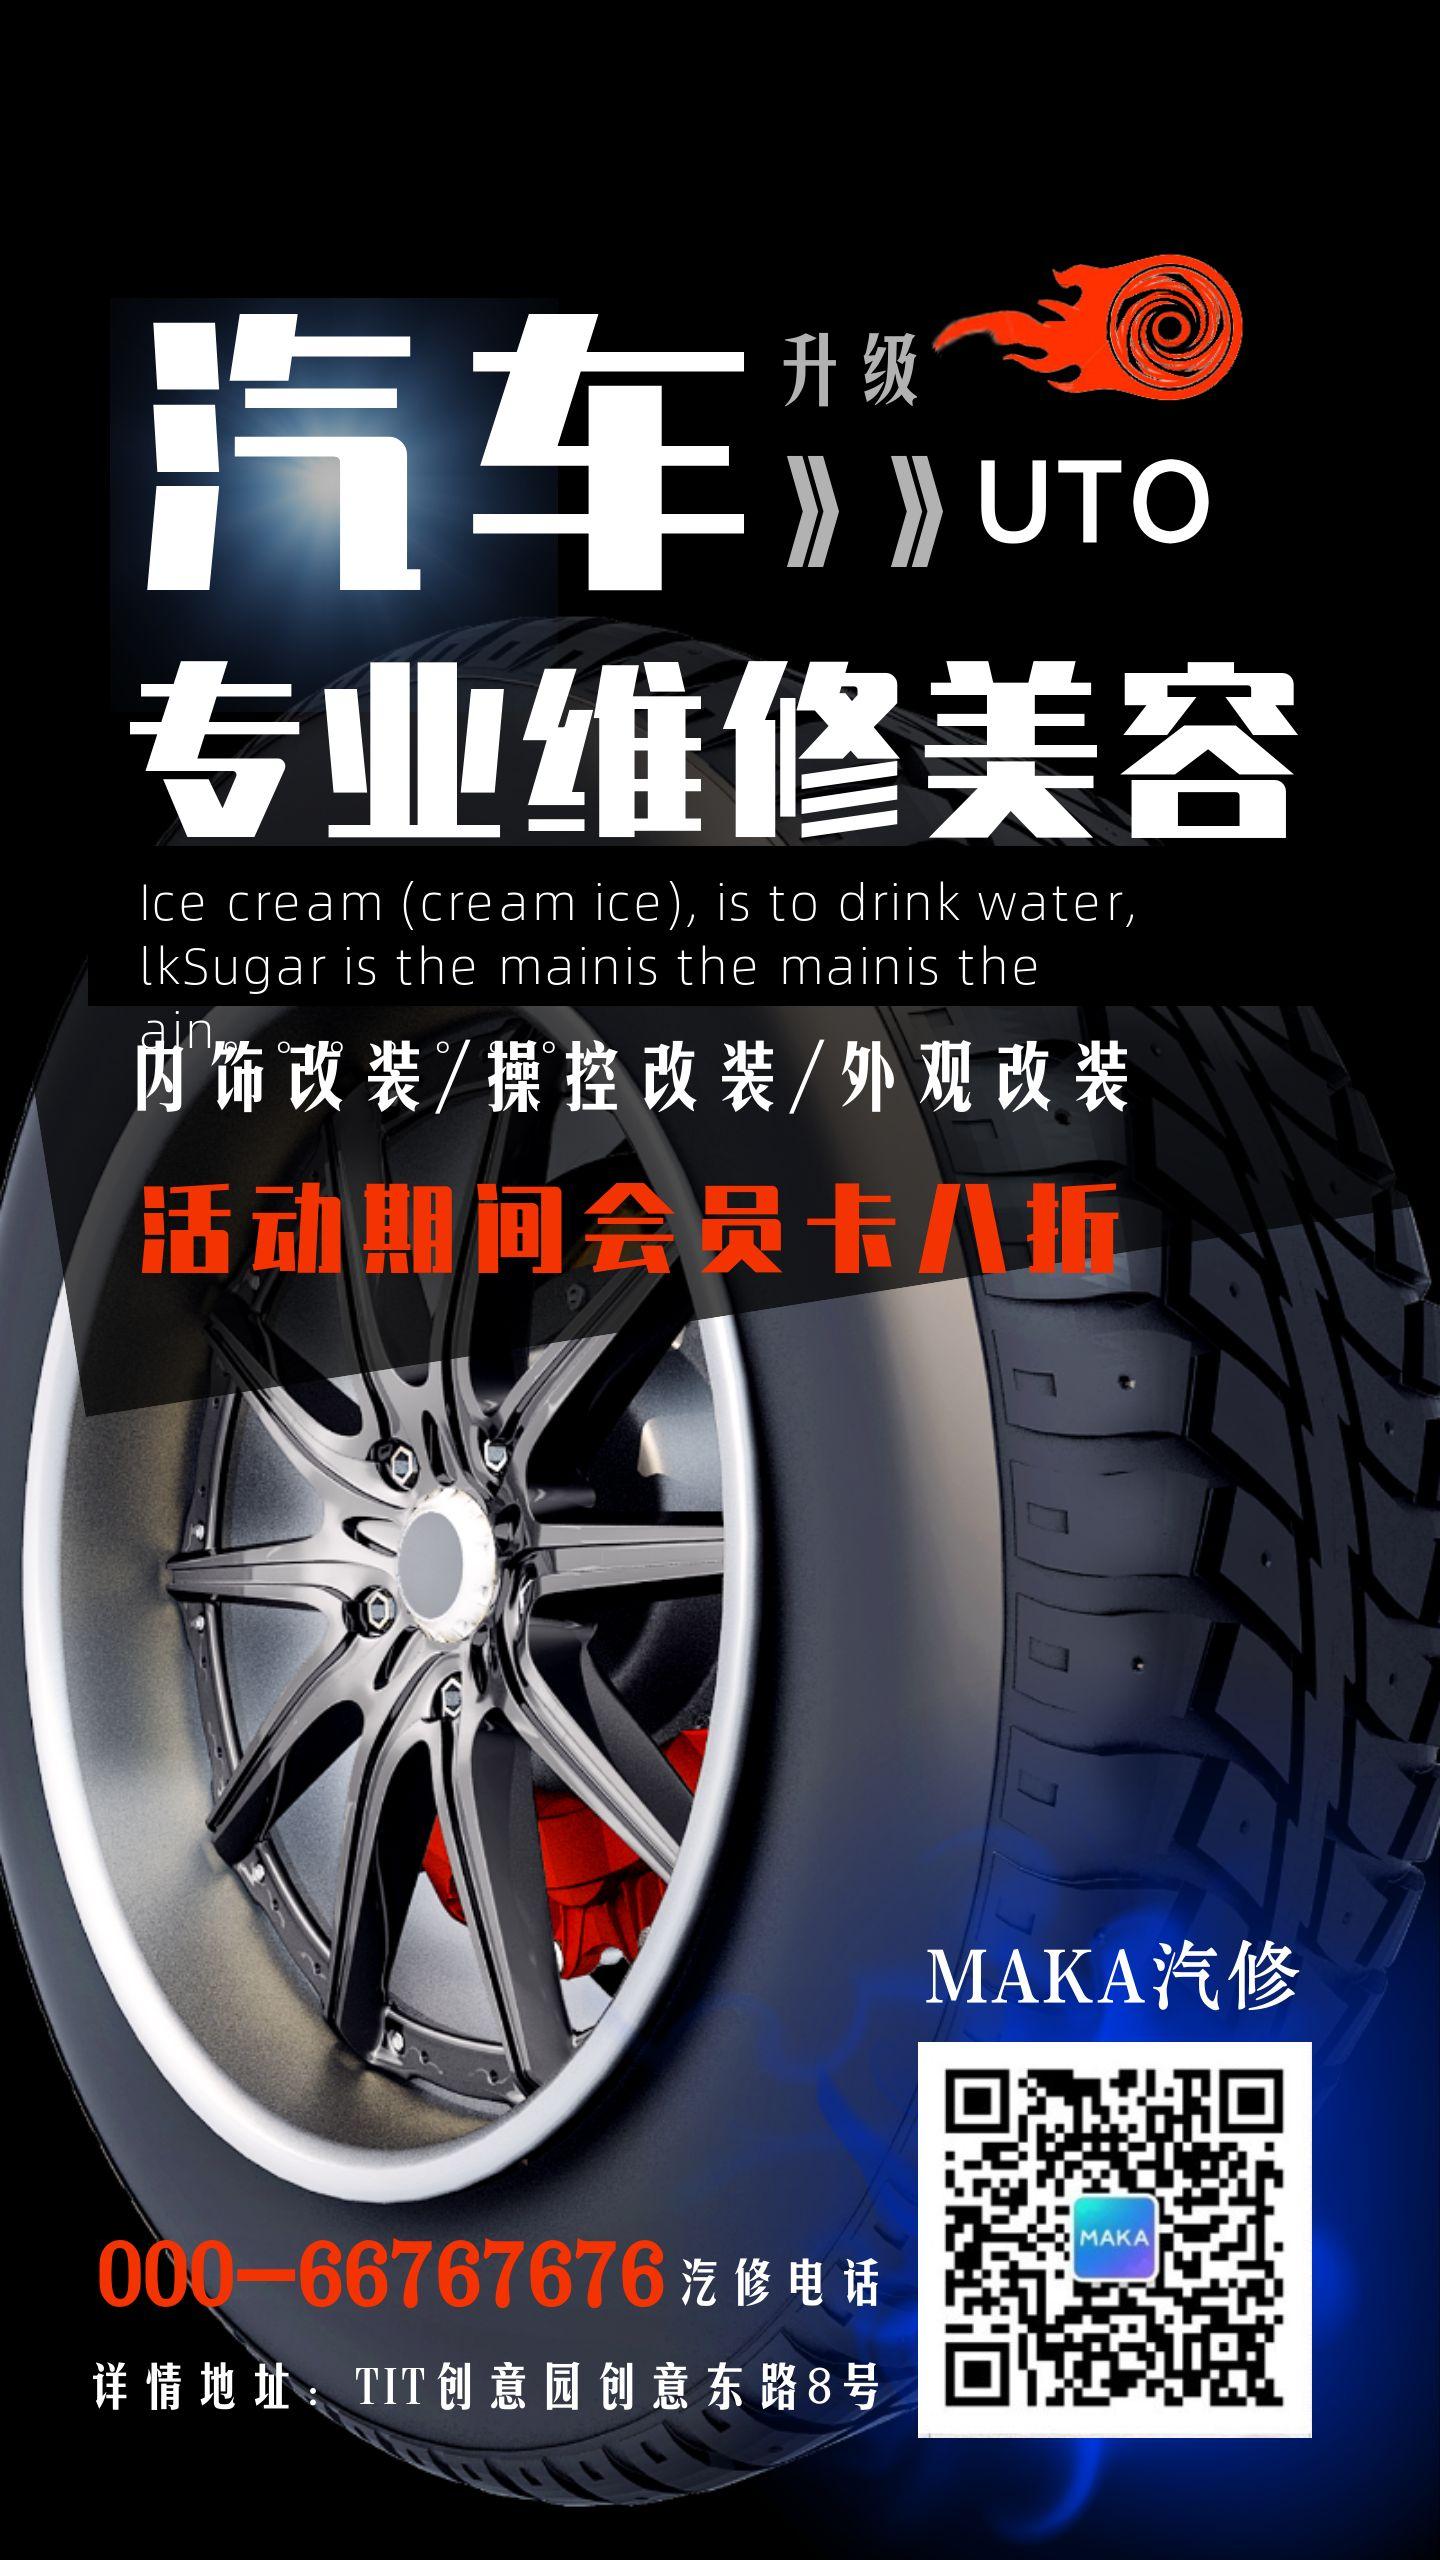 时尚炫酷汽车维修汽车美容服务海报